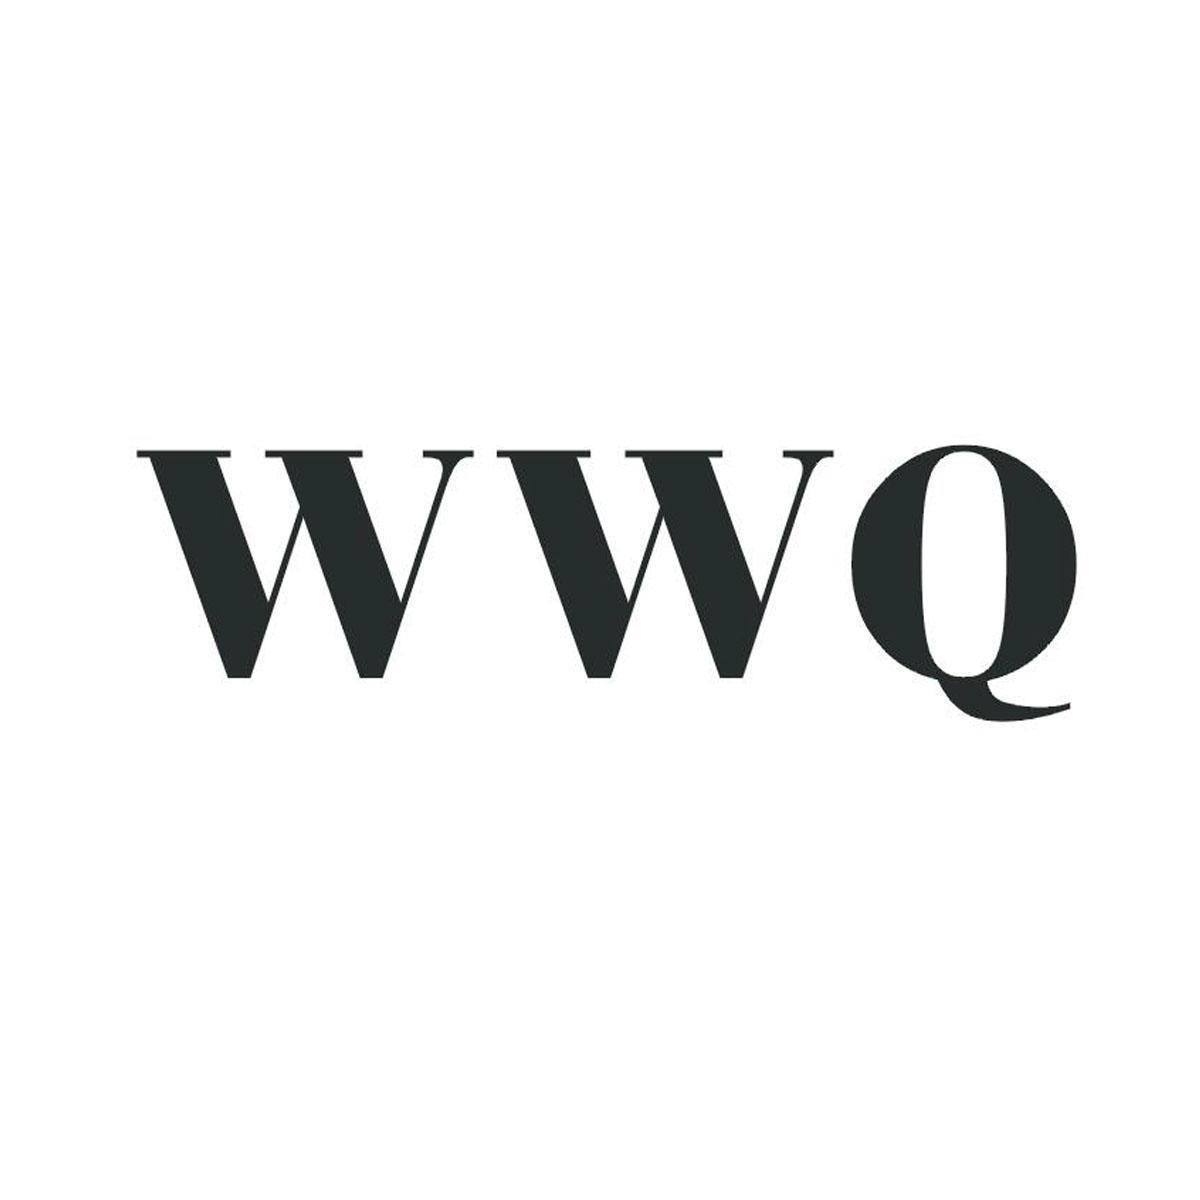 WWQ_05商标转让_05商标购买-购店网商标转让平台